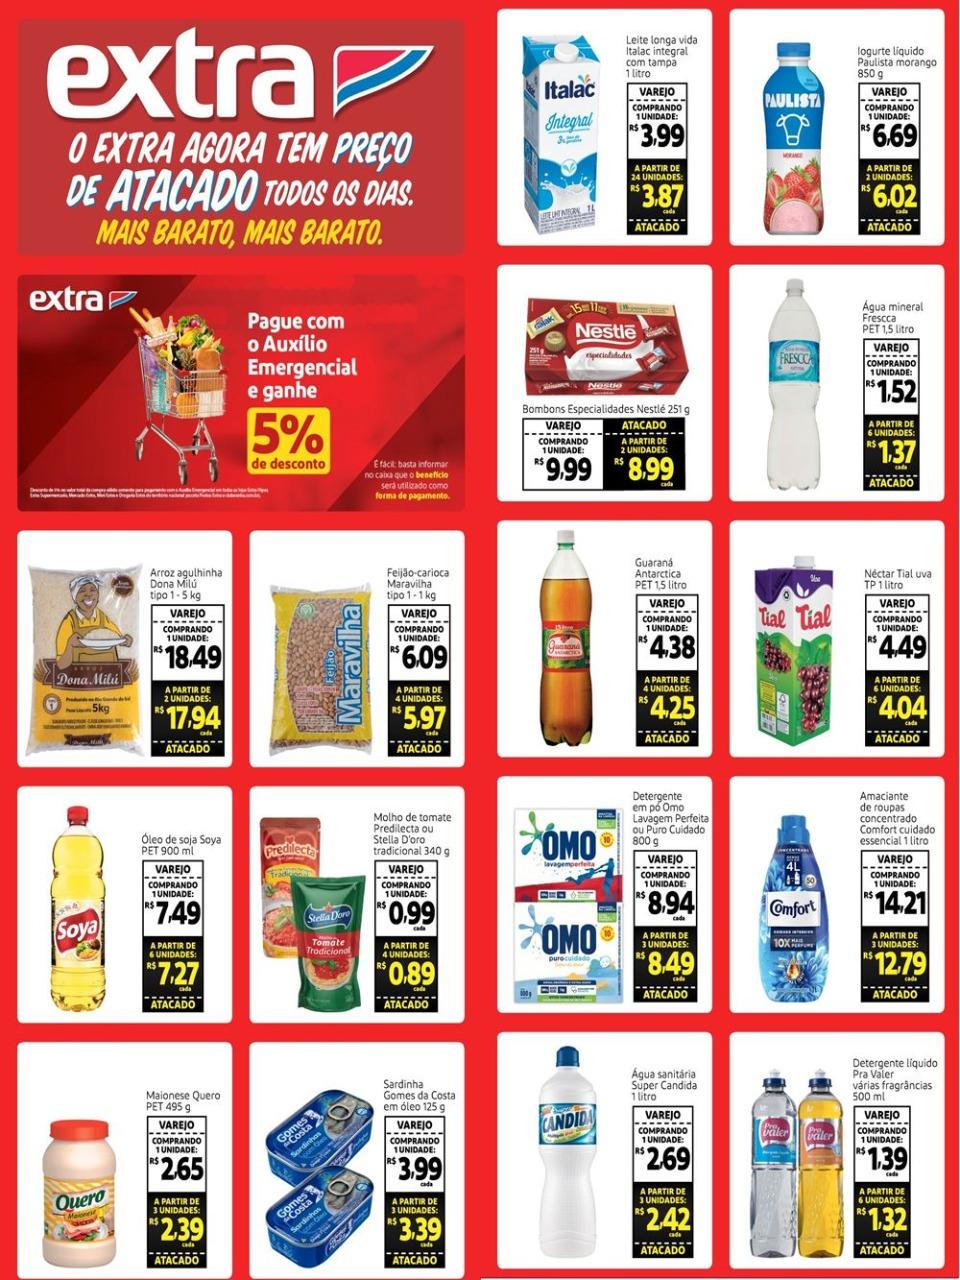 WhatsApp-Image-2021-06-11-at-11.05.43 Final de Semana Extra Hiper Preço de Atacado ofertas hoje até 13/06